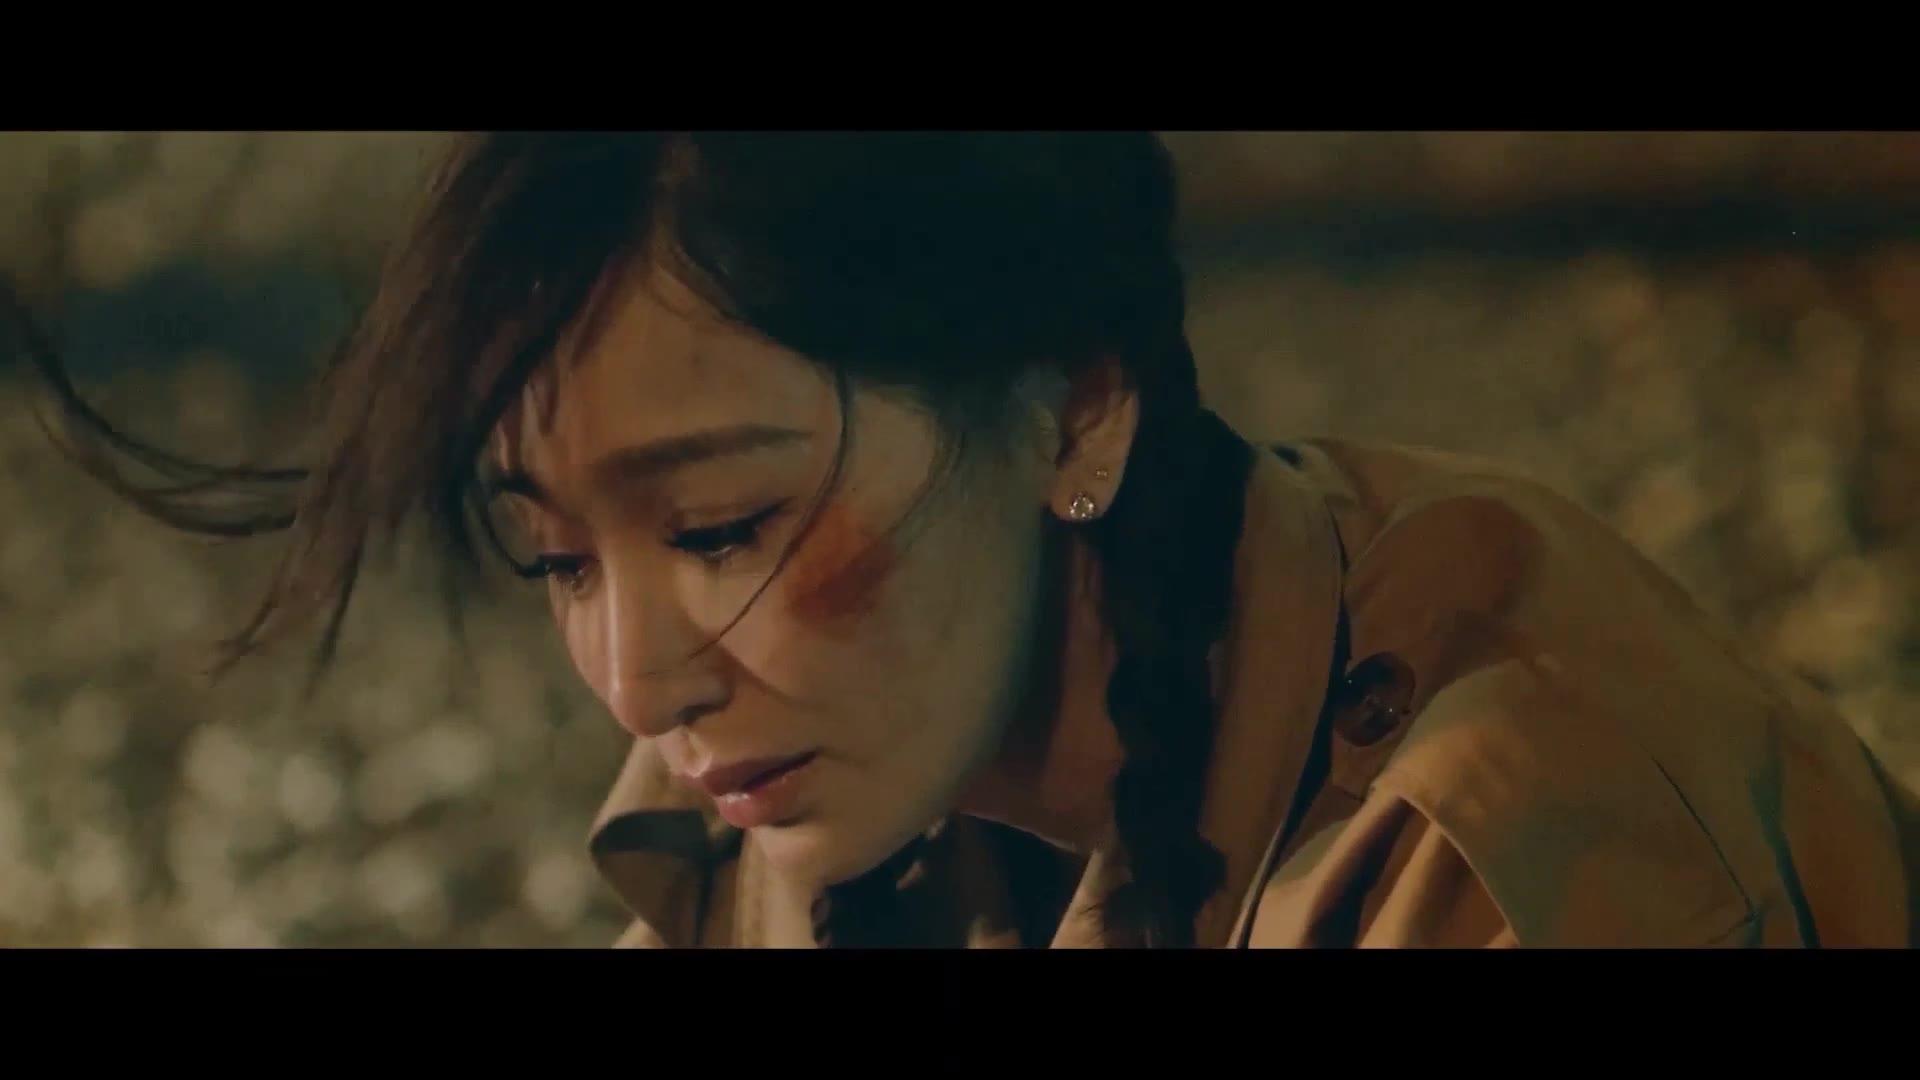 【MV】《大眠》——王心凌  都快忘了怎样恋一个爱,我被虚度的青春,也许还能活过来